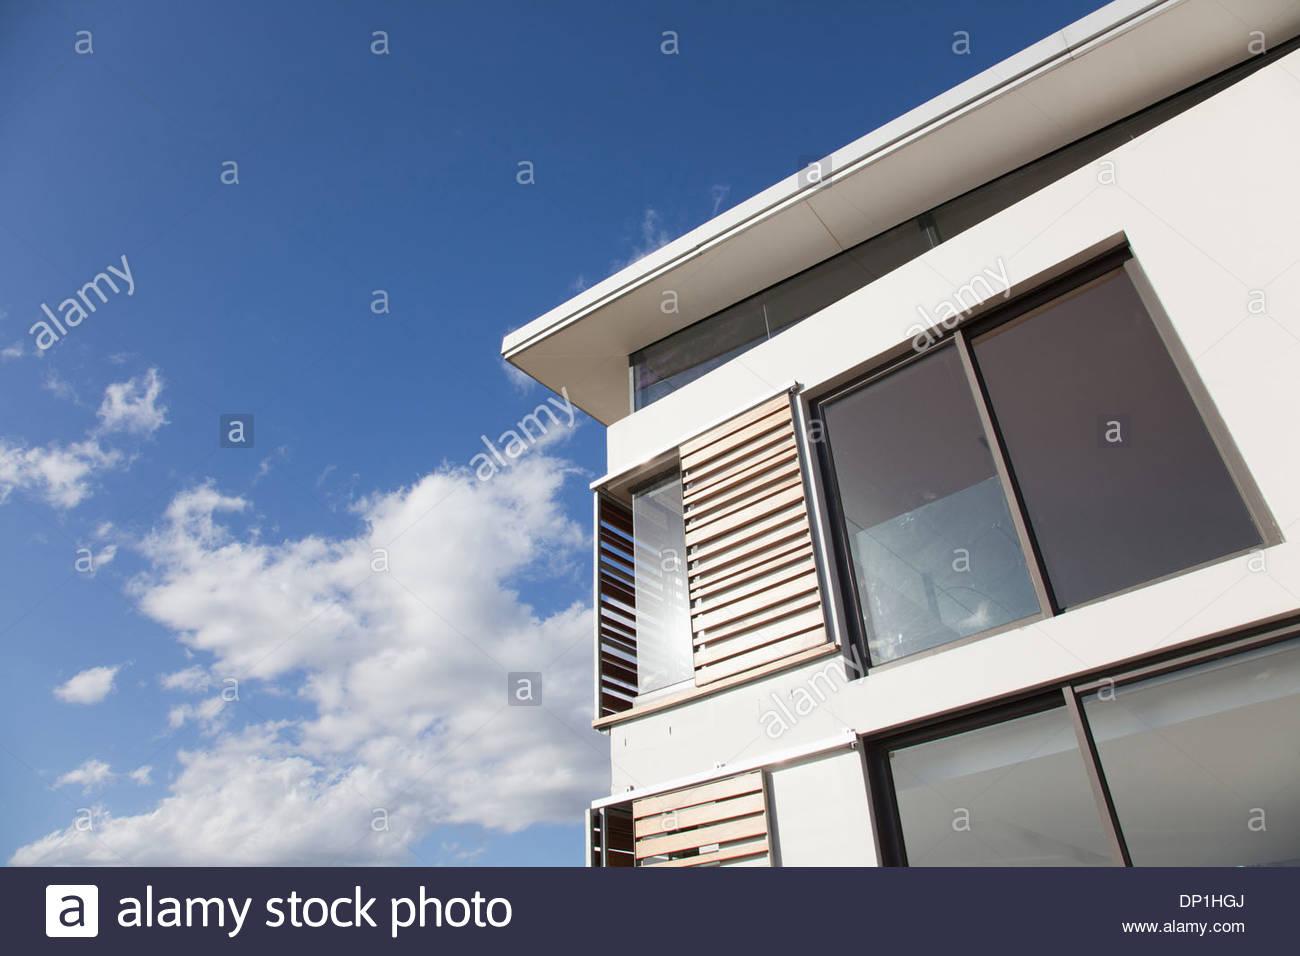 Basso angolo vista di persiane in legno su casa moderna Immagini Stock